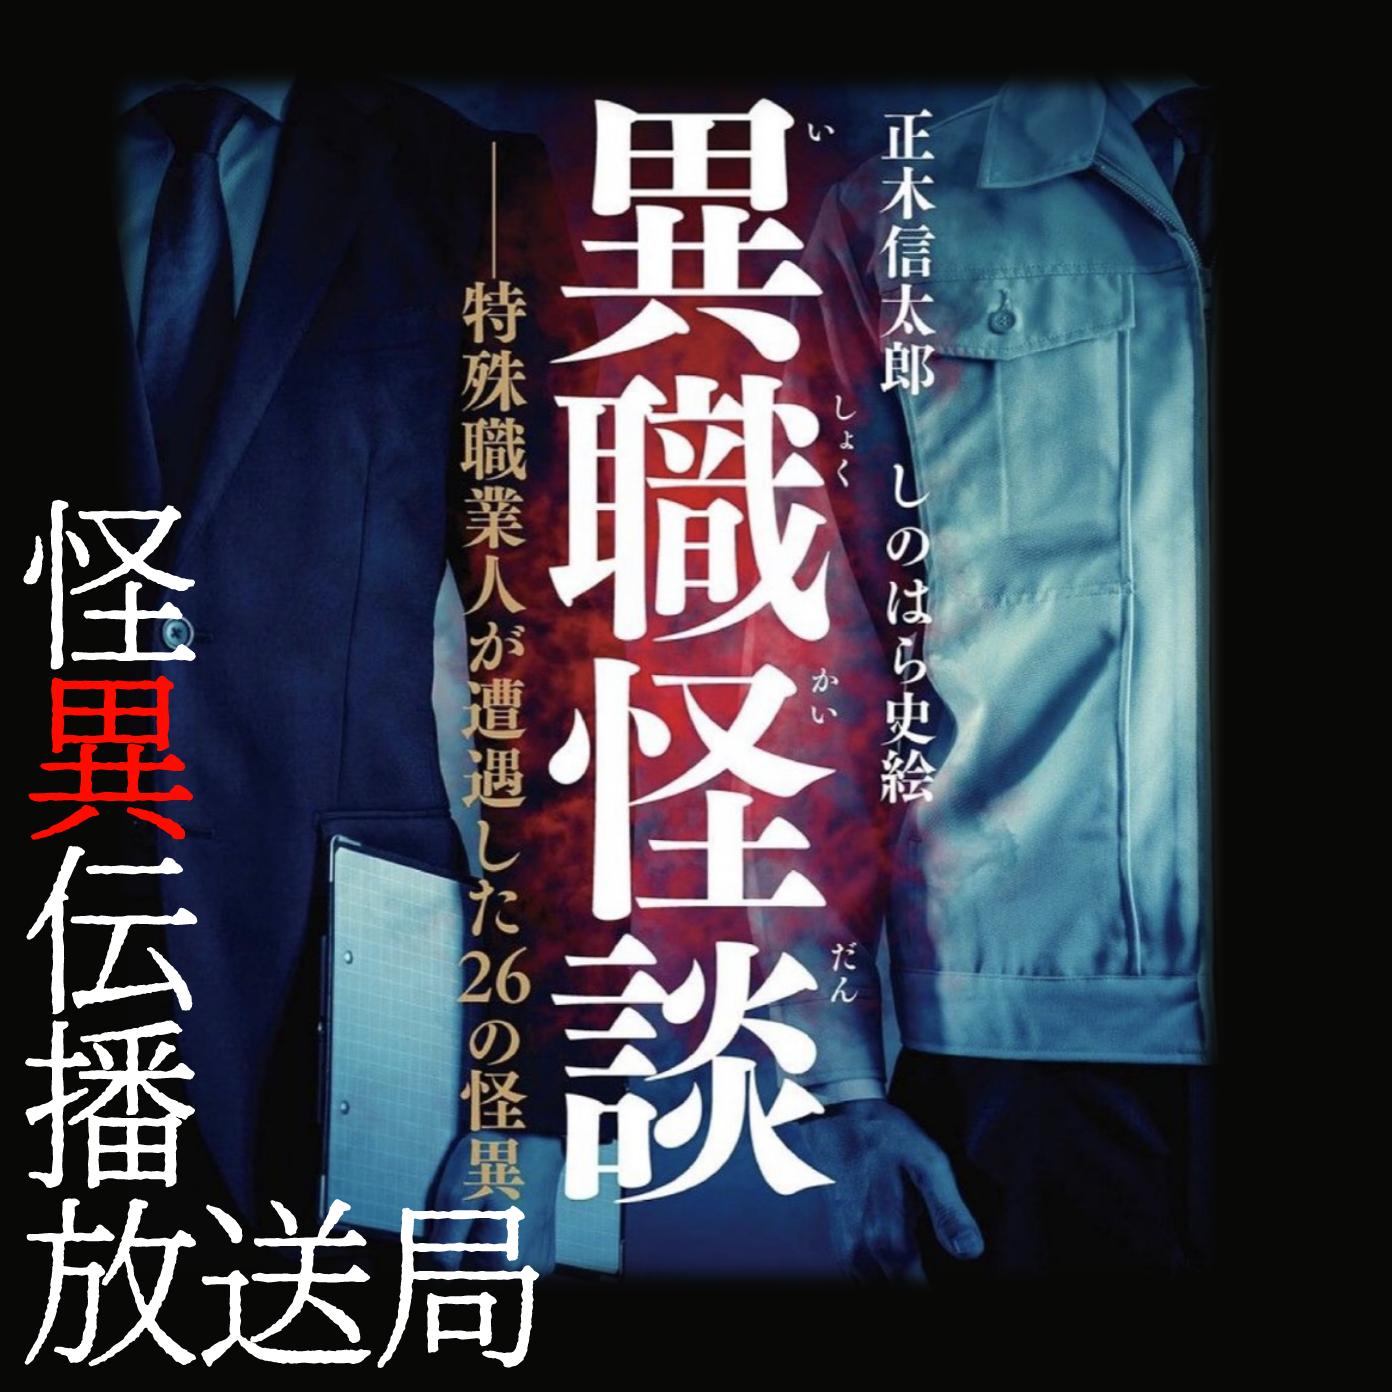 【異職怪談】墓参り代行業の怪異『墓参りの文句』